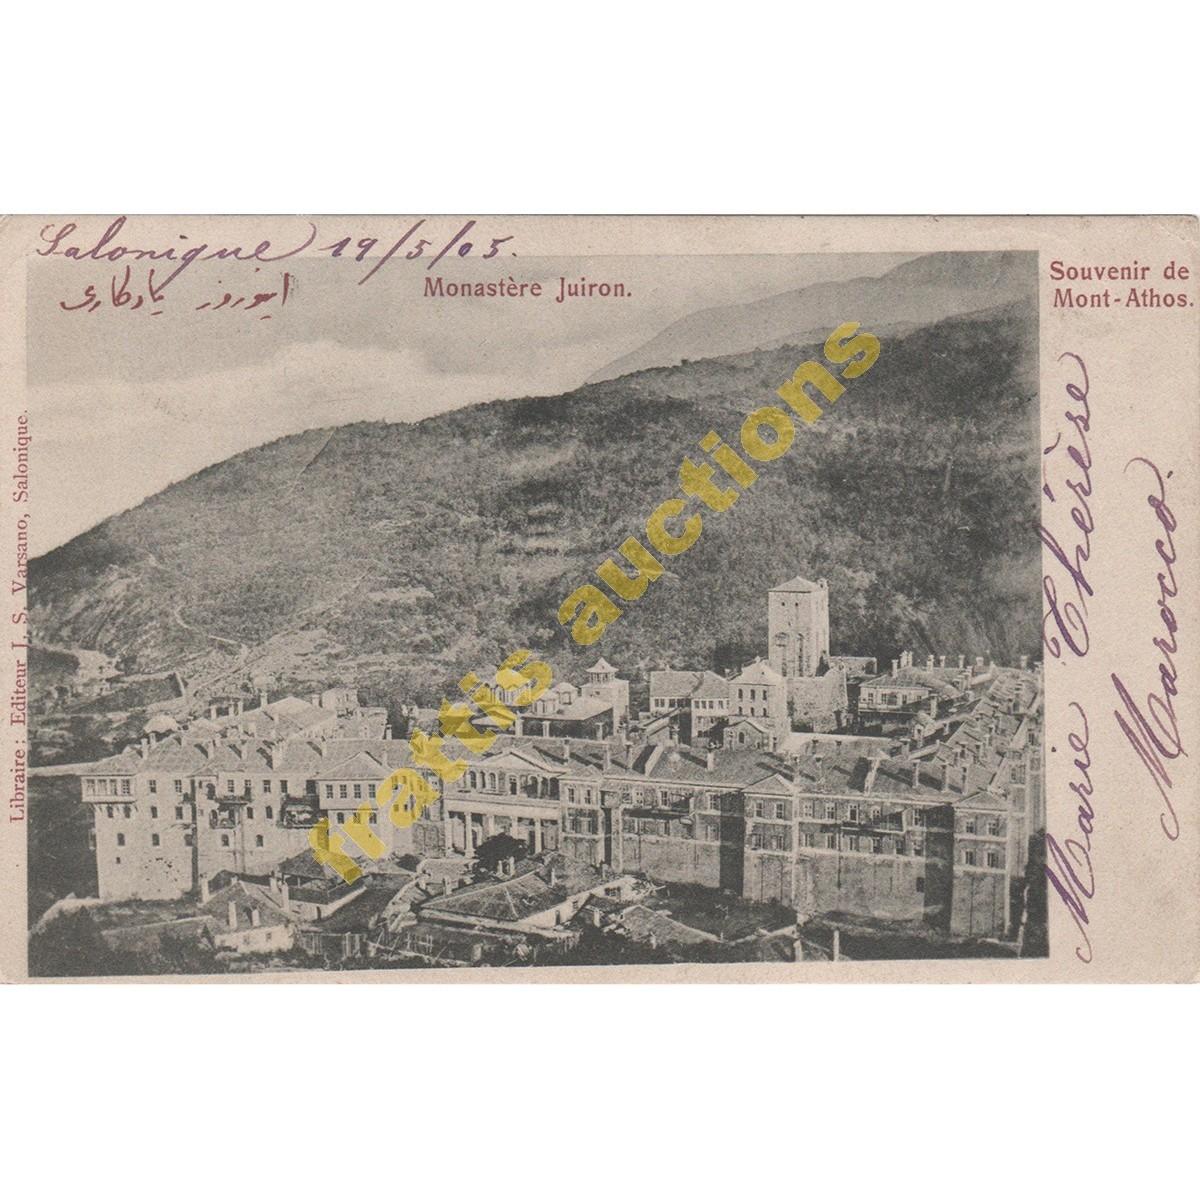 Ι.Μ. ΙΒΗΡΩΝ, Monastere Juiron, editeur J. S. Varsano, Salonique, Souvenir de Mont-Athos, 1905.